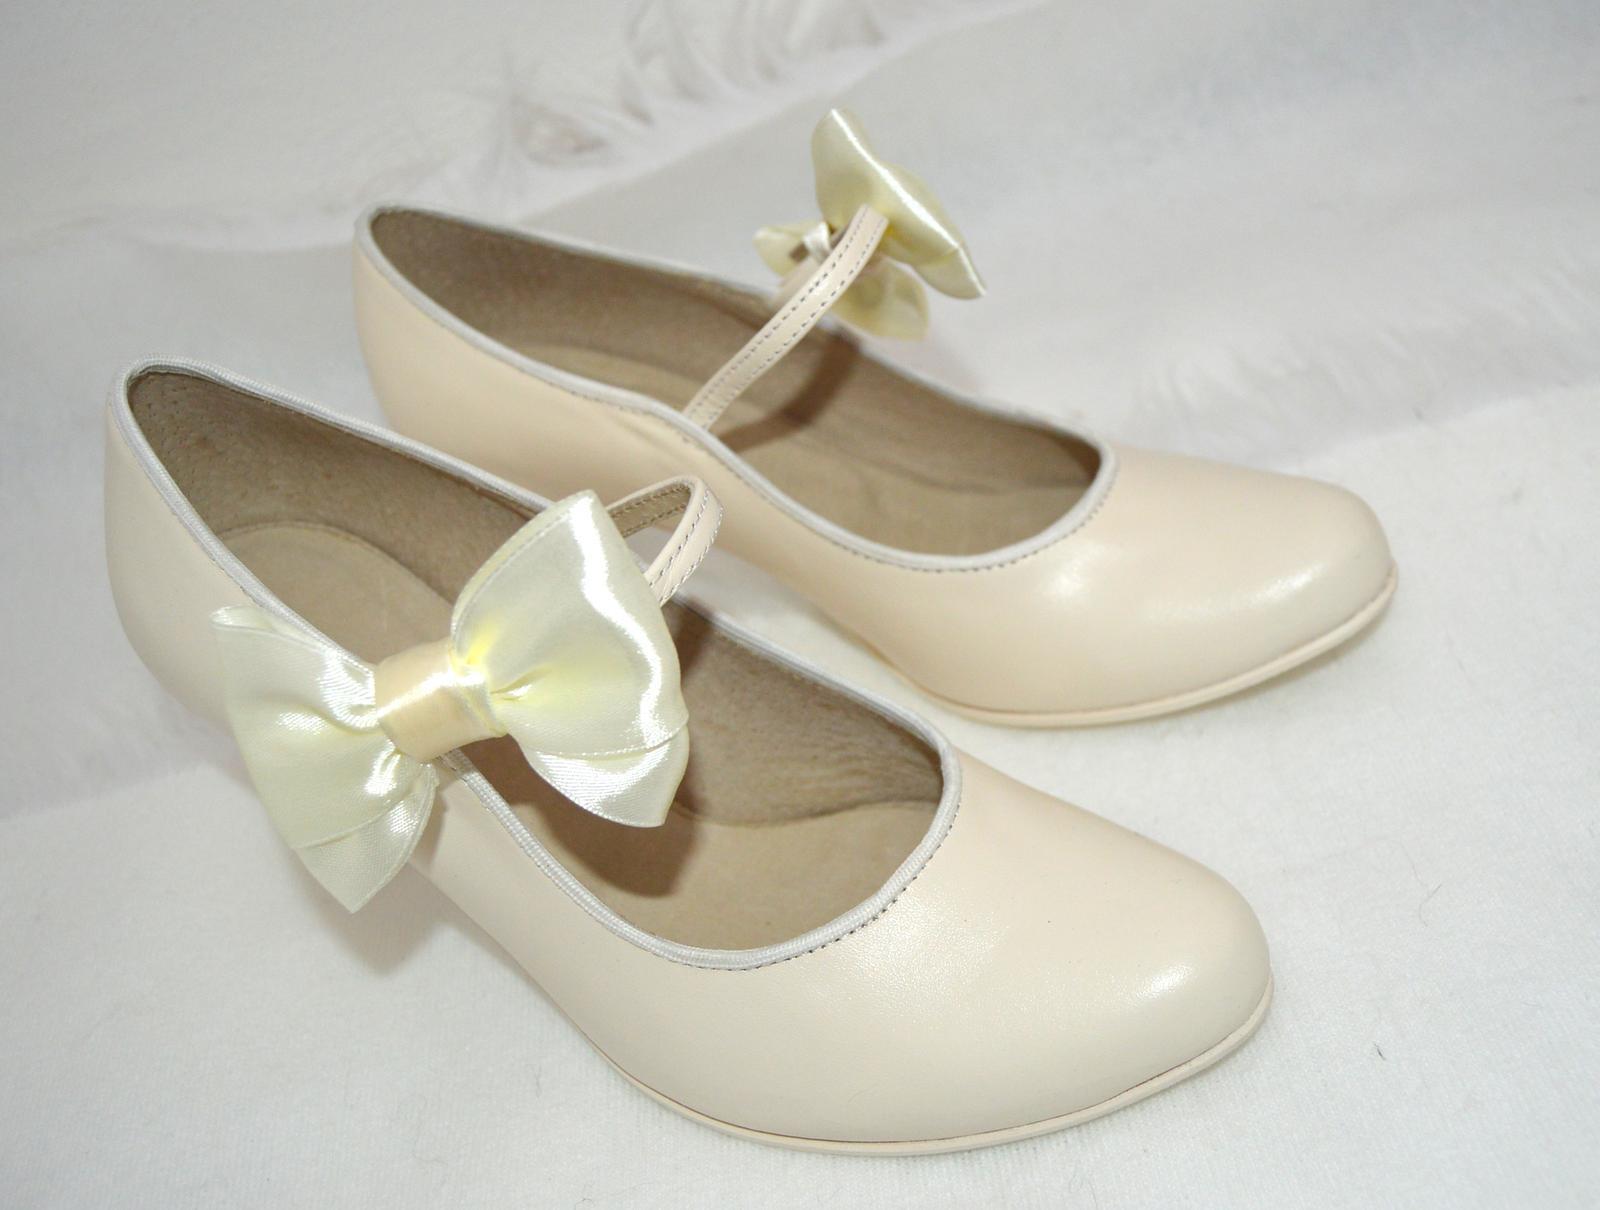 Svadobné topánky, inšpirácie z Vašich návrhov, farby biela, ivory, šampaň. - Svadobné lodičky z pravej kože ivory zdobené mašličkou -model Katrina T-styl - úpravy podľa želania klientky